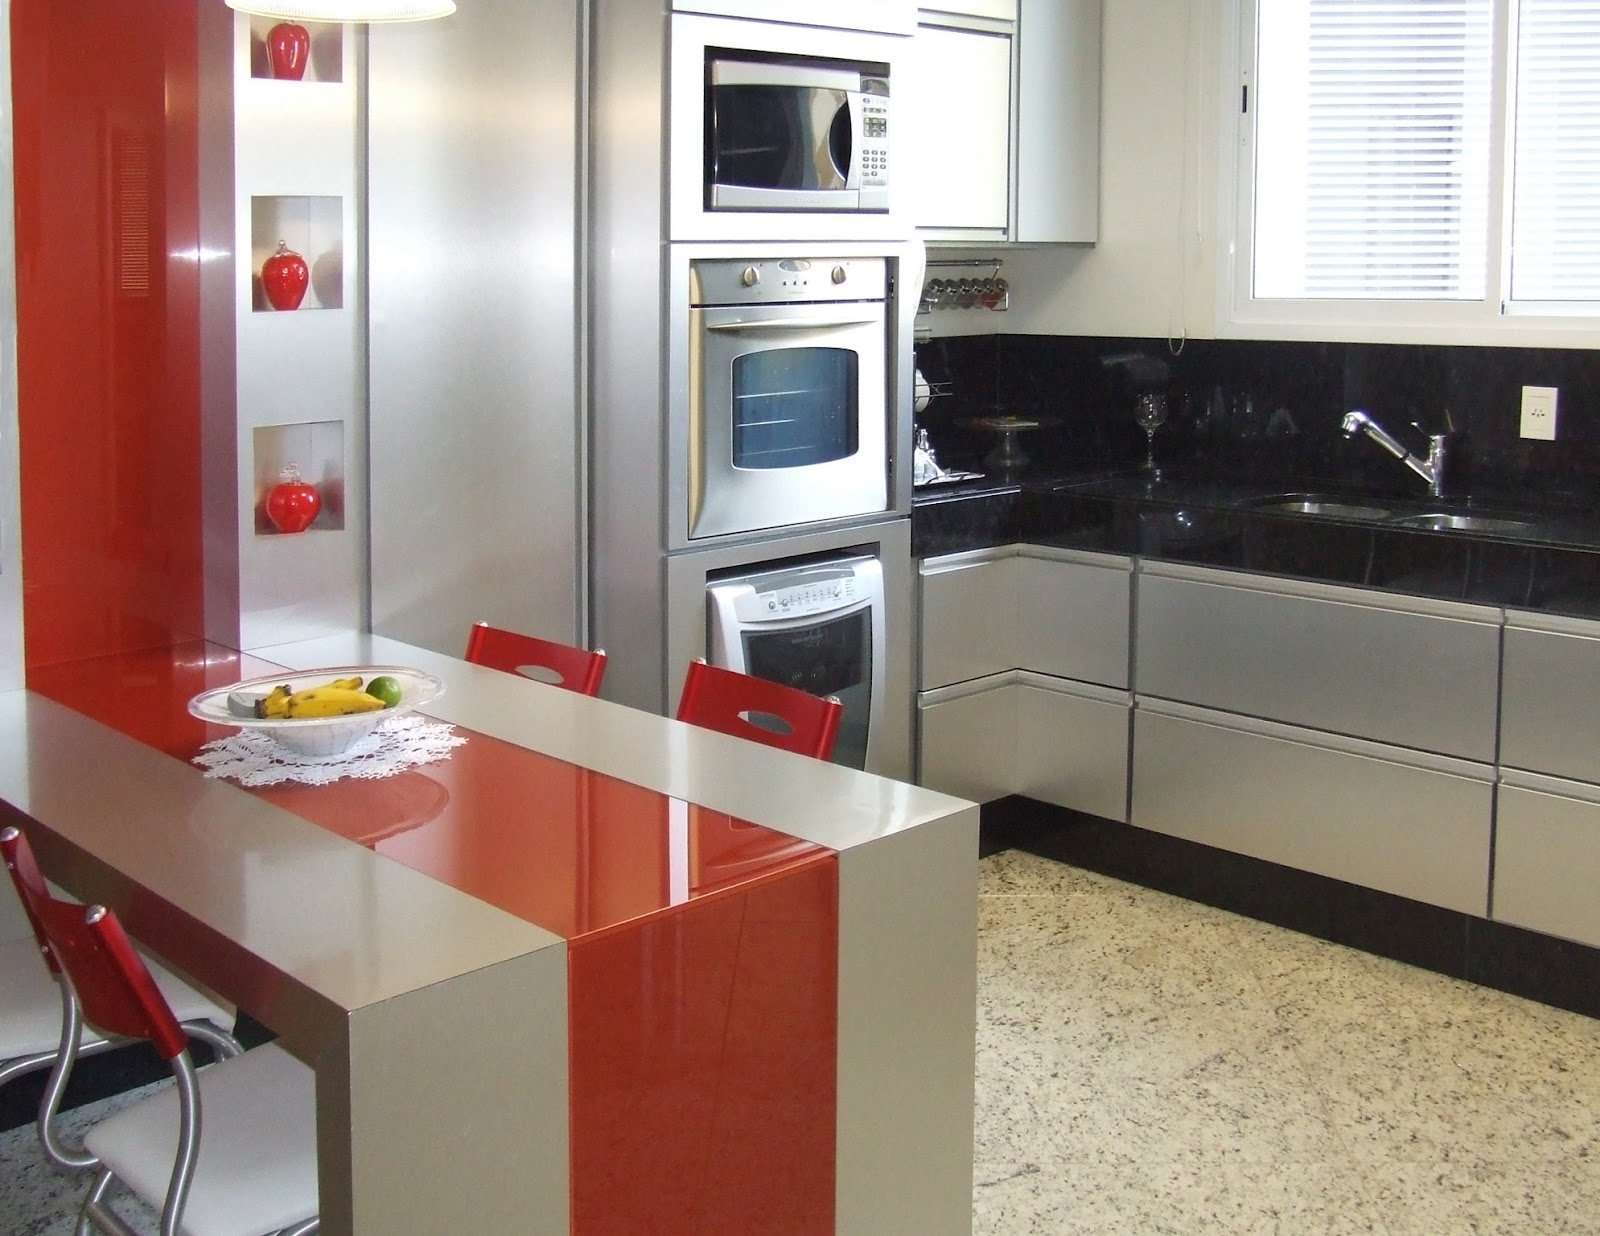 chave: cozinhas coloridas; cozinha colorida; decoração de cozinhas  #8B3024 1600 1236